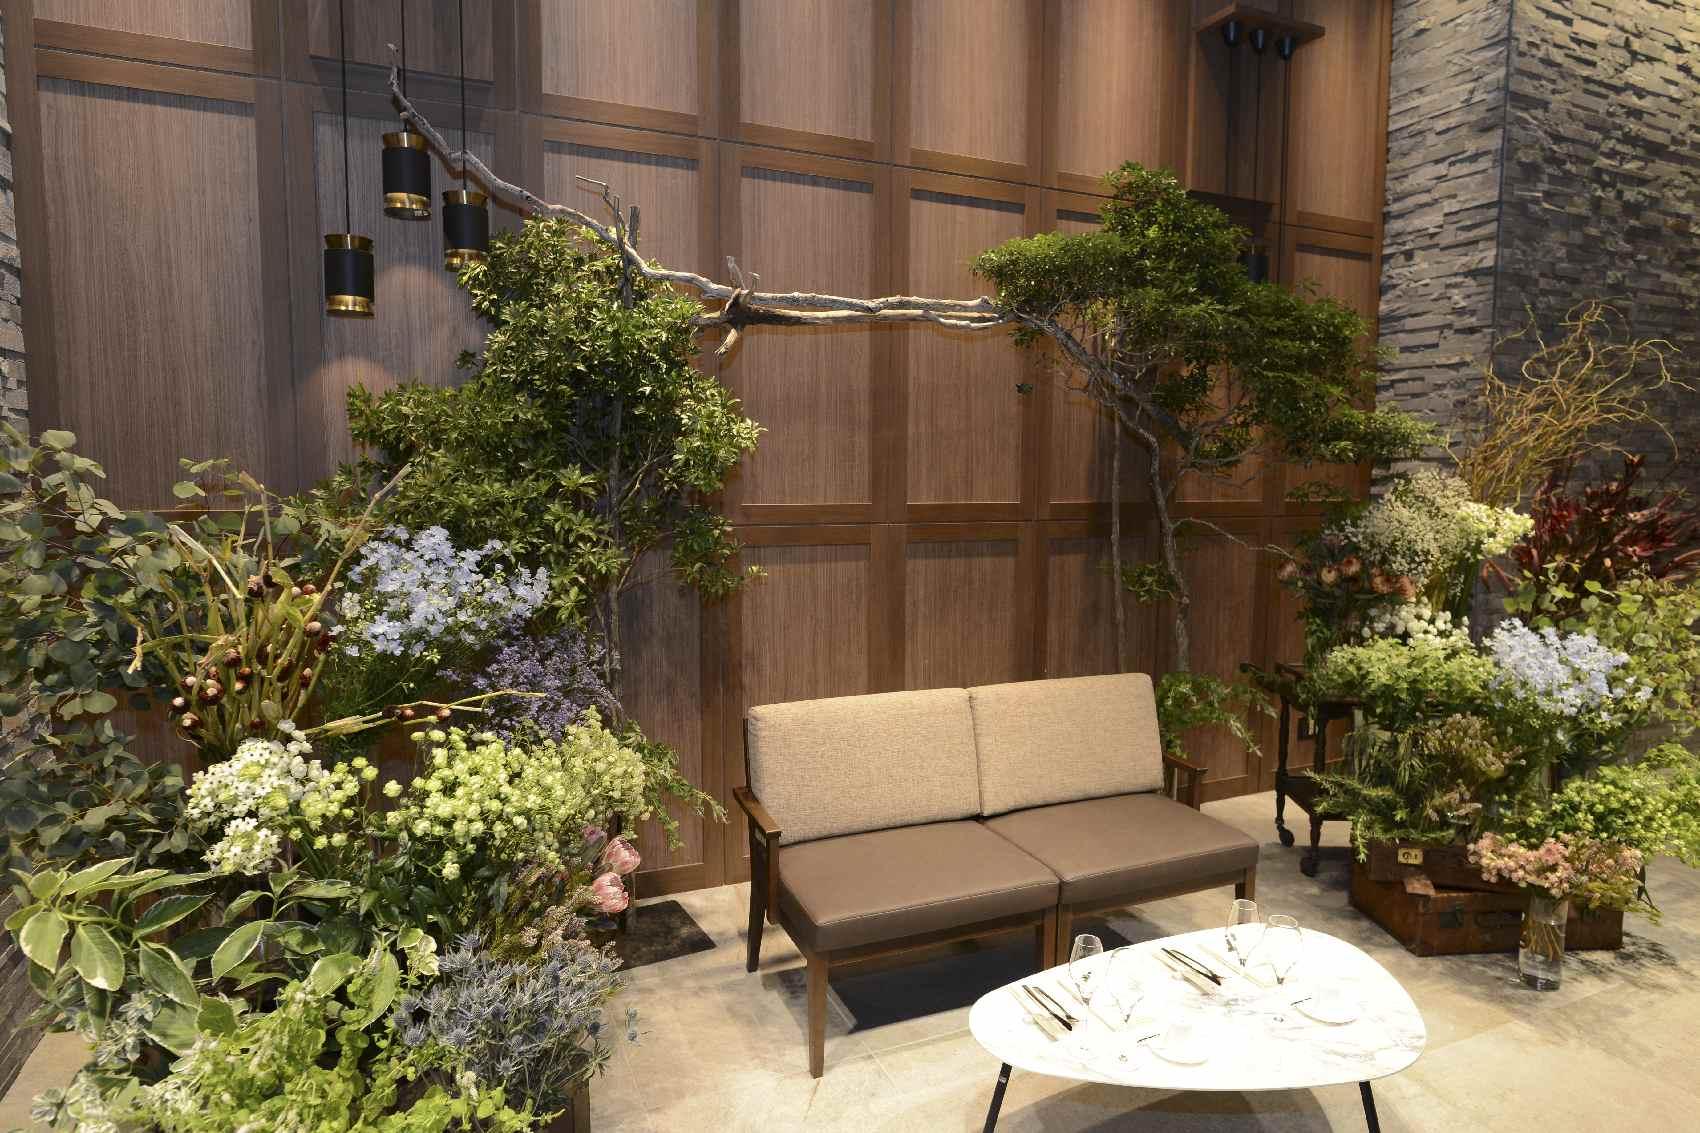 香川県高松市の結婚式場アナザースタイルの結婚式での高砂ソファー